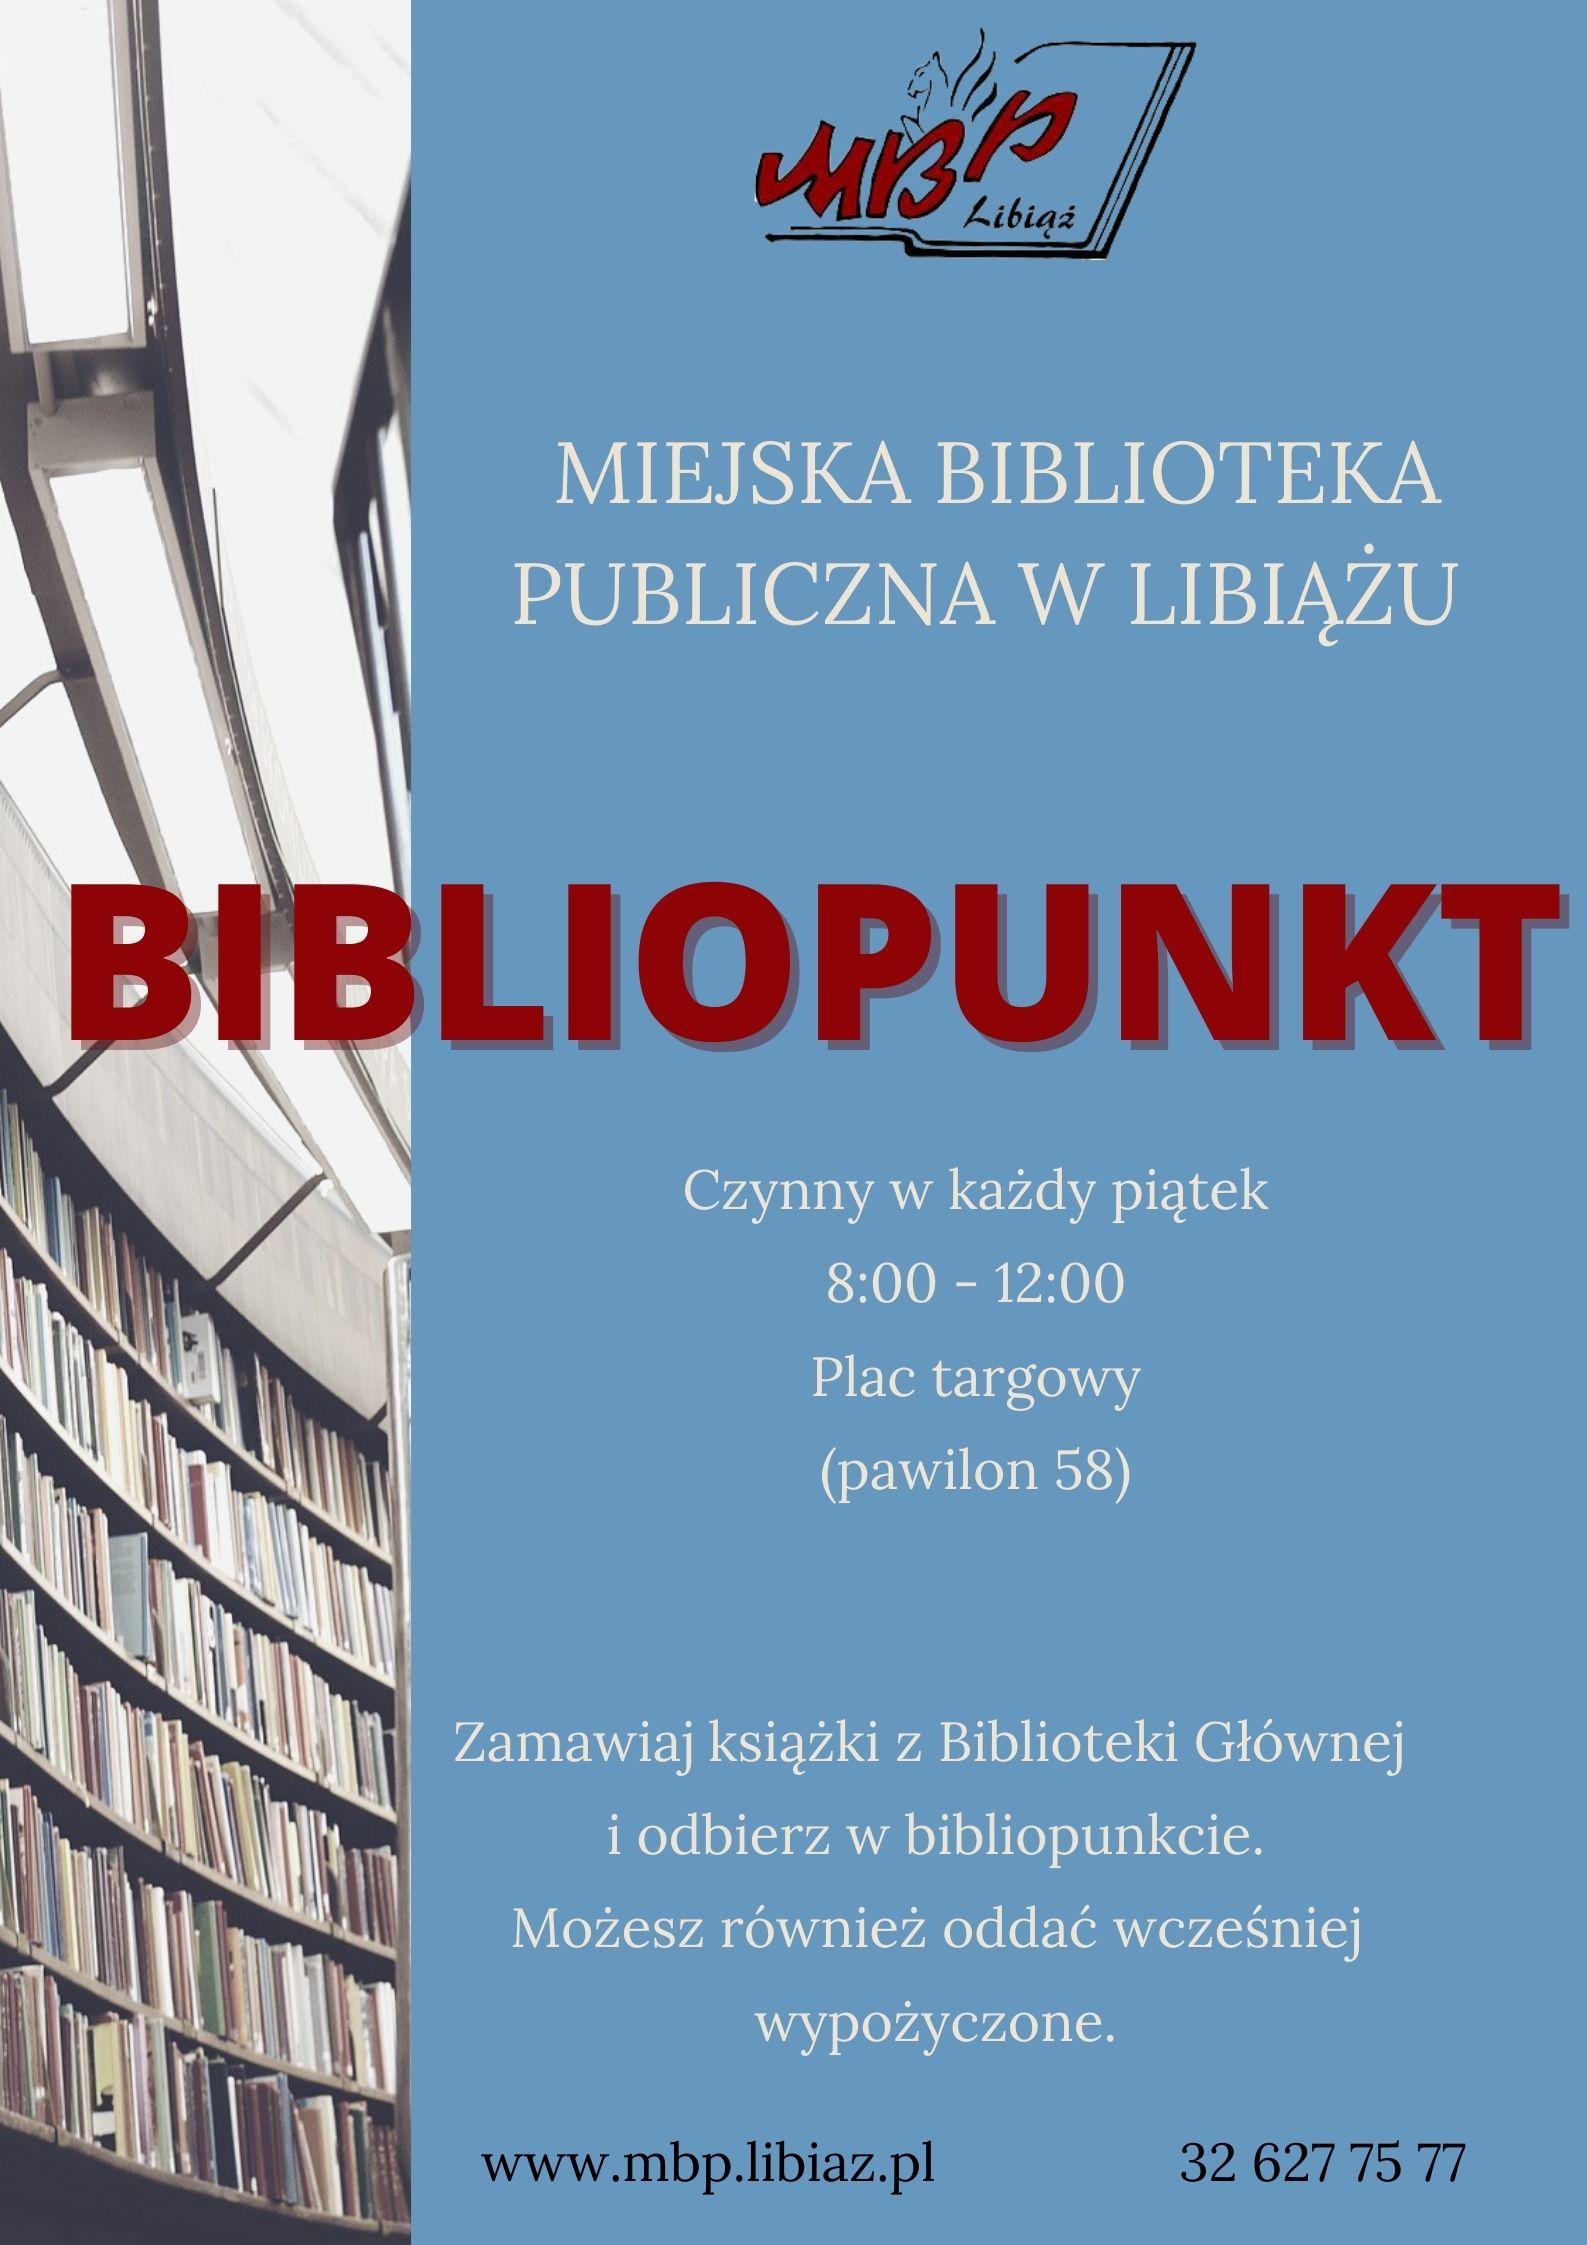 bibliopunkt (1)